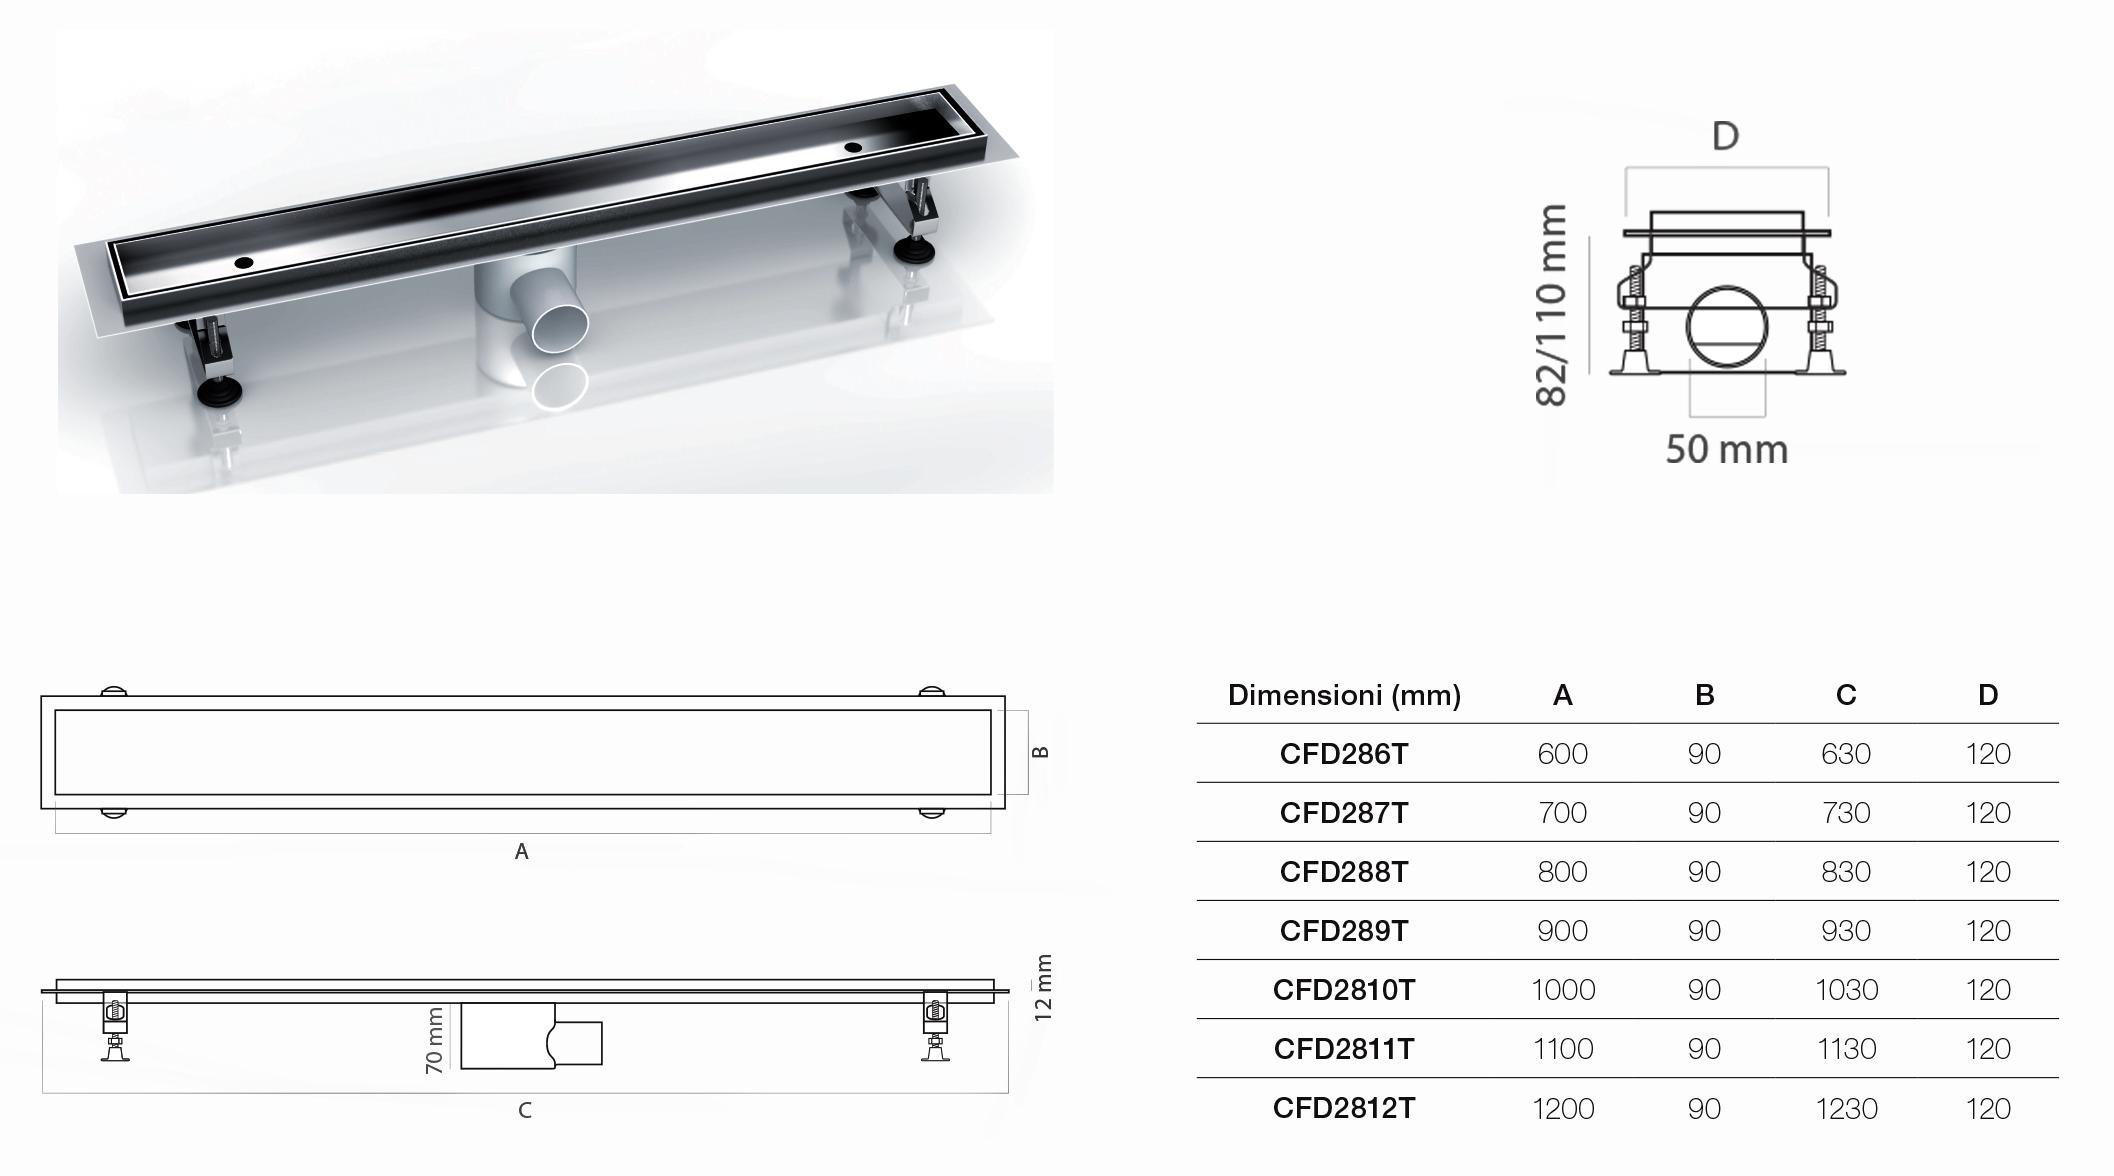 Canalina di scarico piastrellabile acciaio inox 60x9x9 5 70x9x9 5 80x9x9 5 90x9x9 5 - Piatto doccia piastrellabile ...